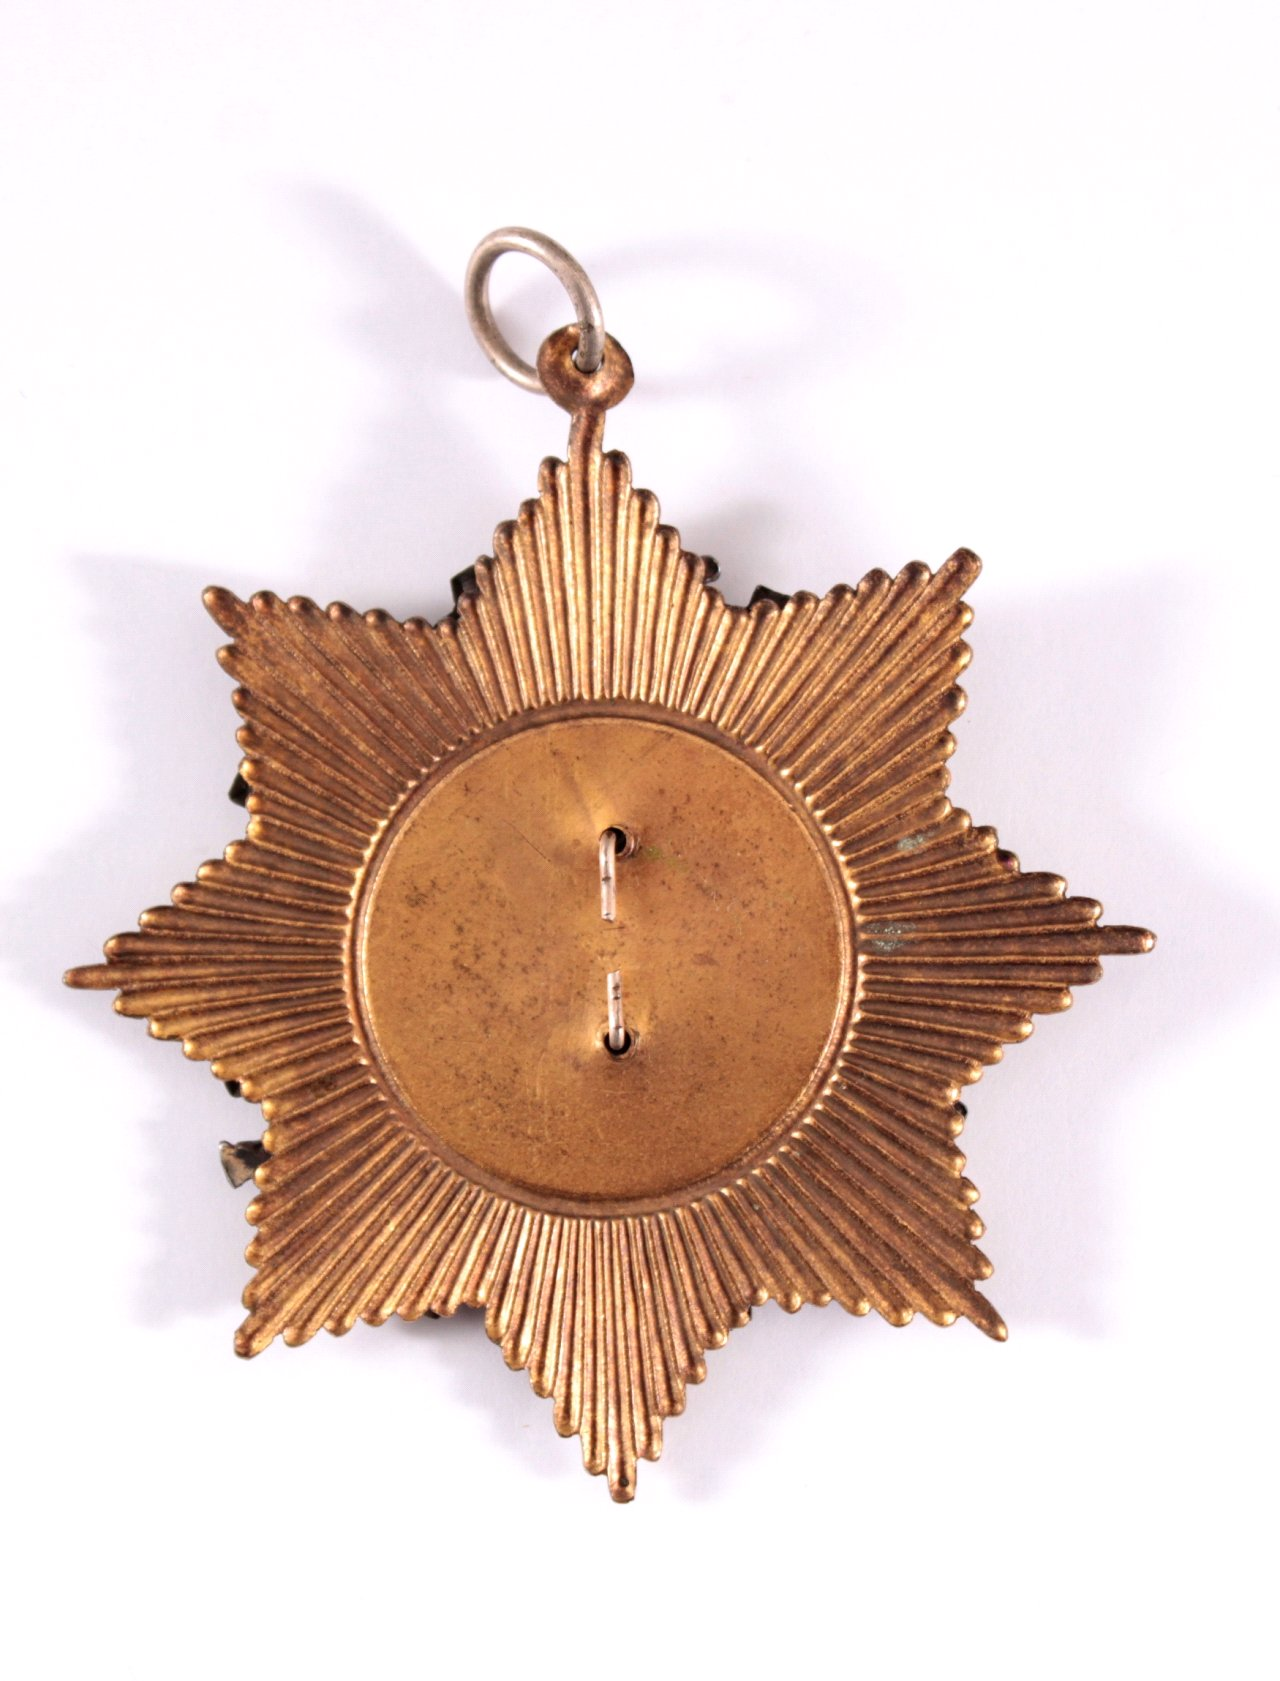 Kappenabend 1905 A.R.U.C.F.